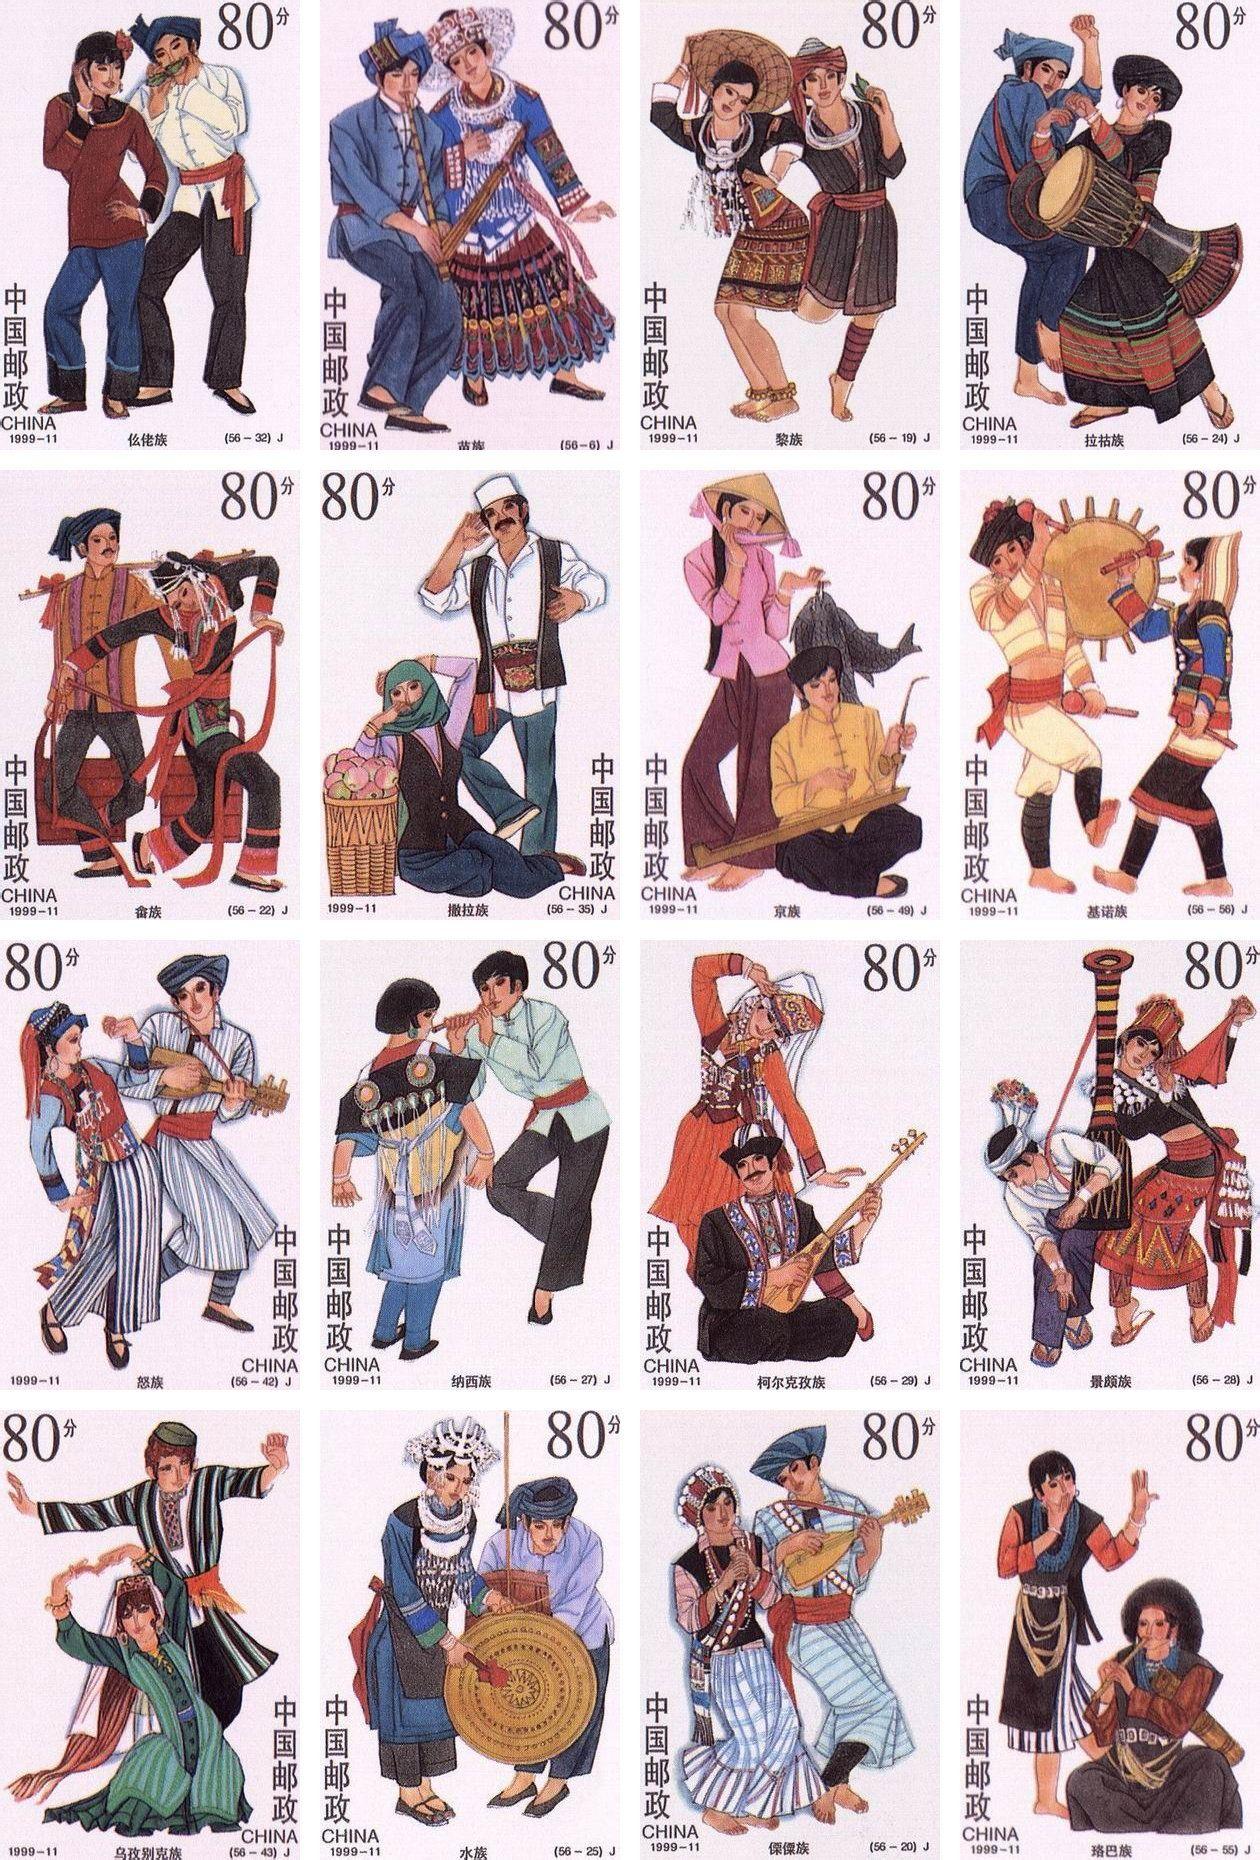 56个民族服装卡通图片-少数民族服装图片卡通-民族娃娃图片-56个民族图片